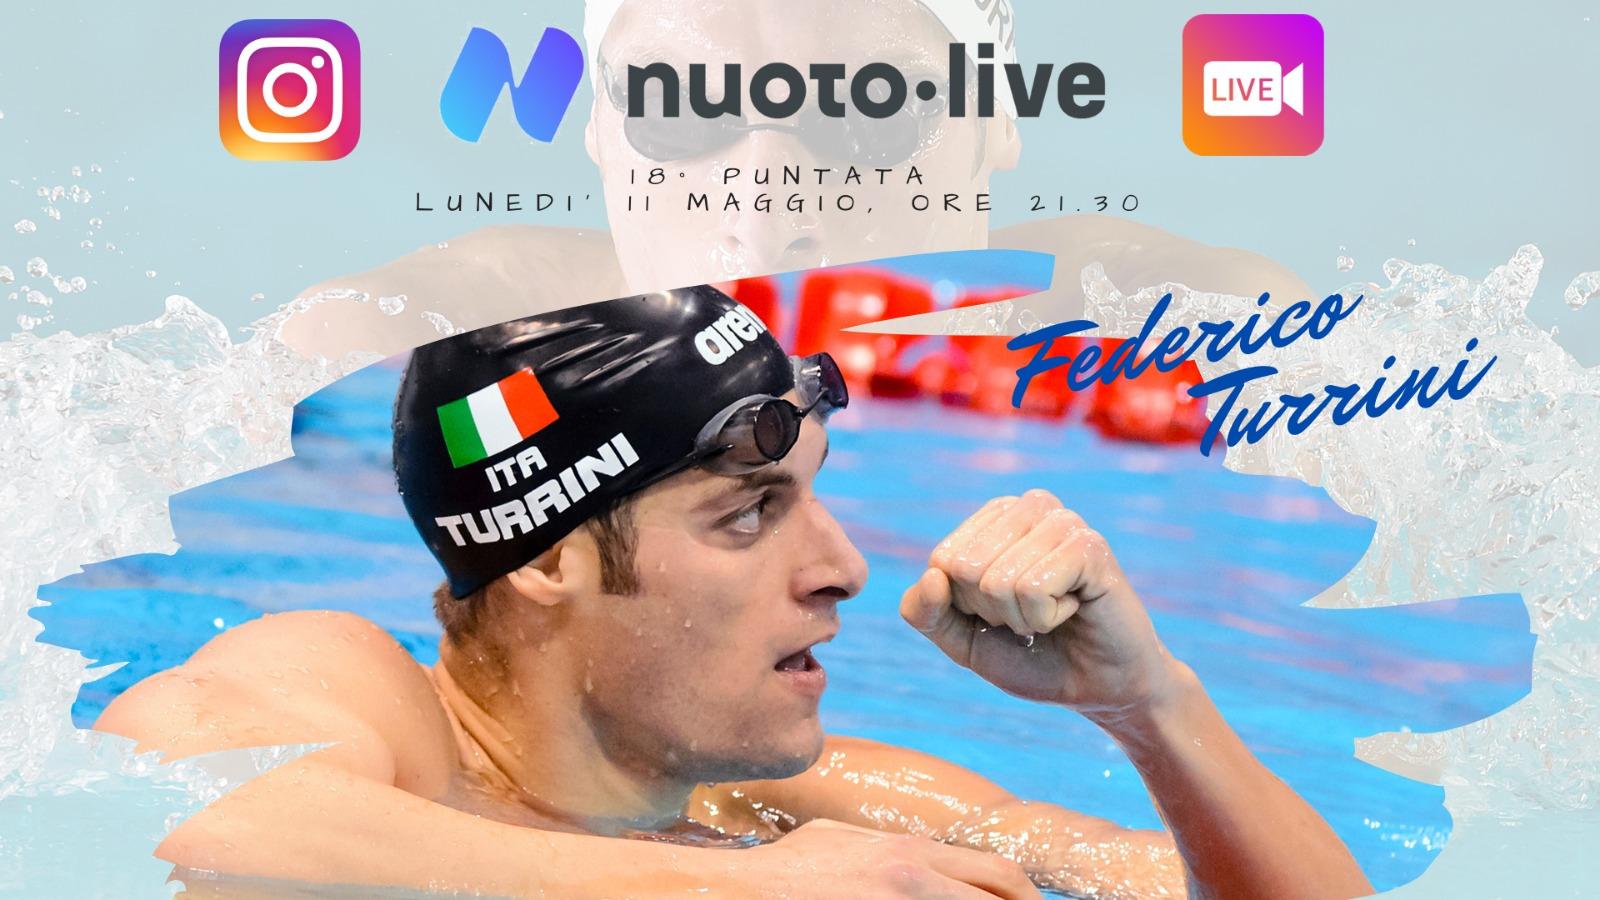 """#Nuotopuntolive 18° puntata, Federico Turrini: """"Orgoglioso di far parte dell'Esercito"""""""